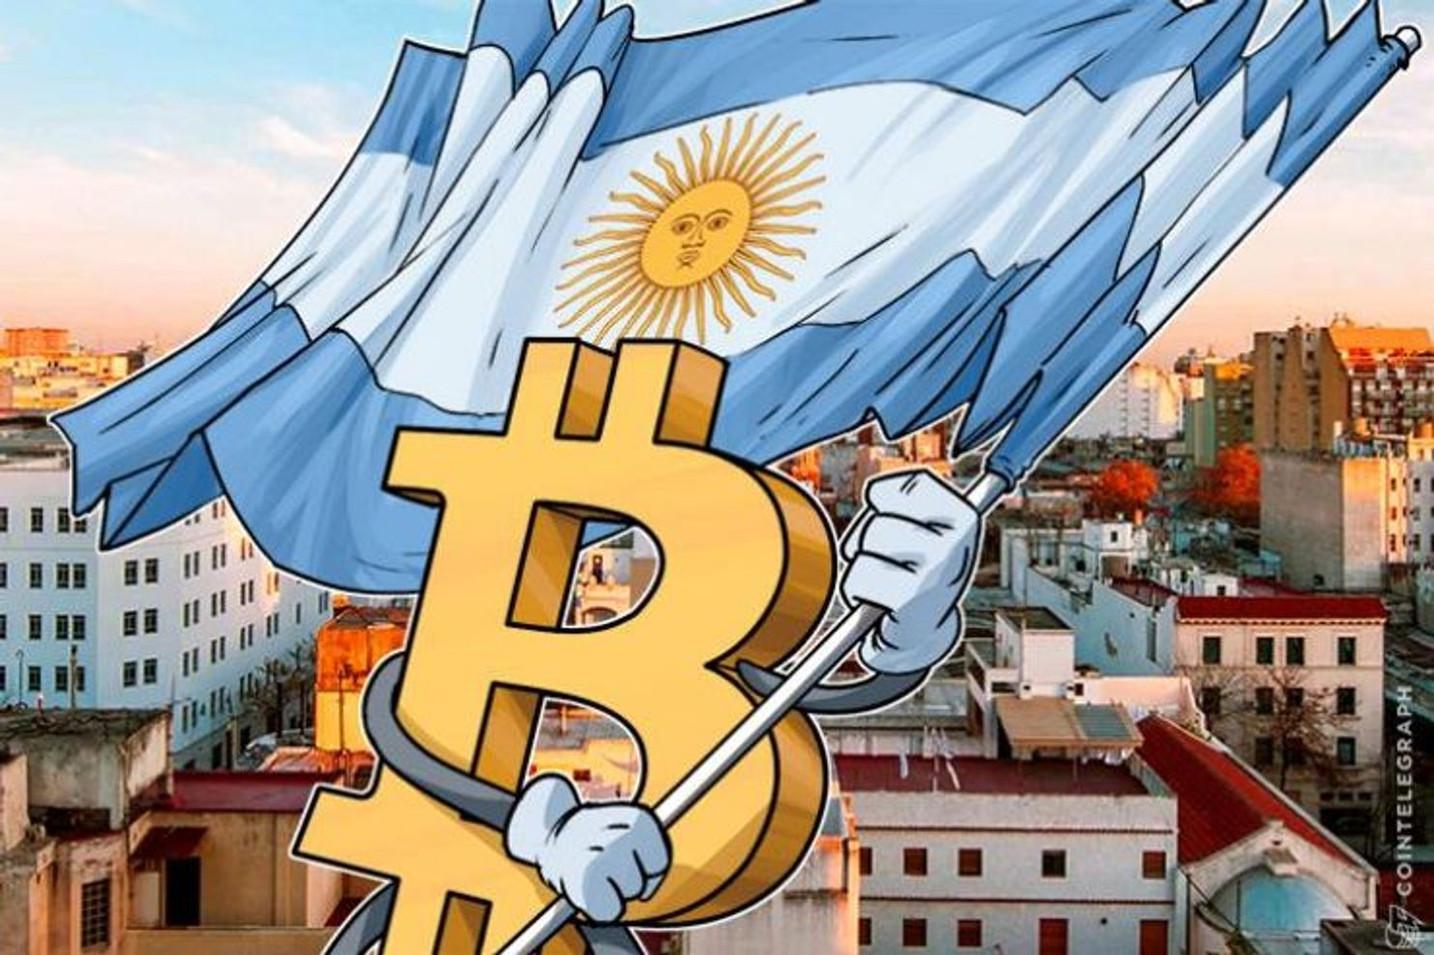 アルゼンチンは今年「通貨危機」を迎える可能性も 仮想通貨ビットコインの取引高は急増中